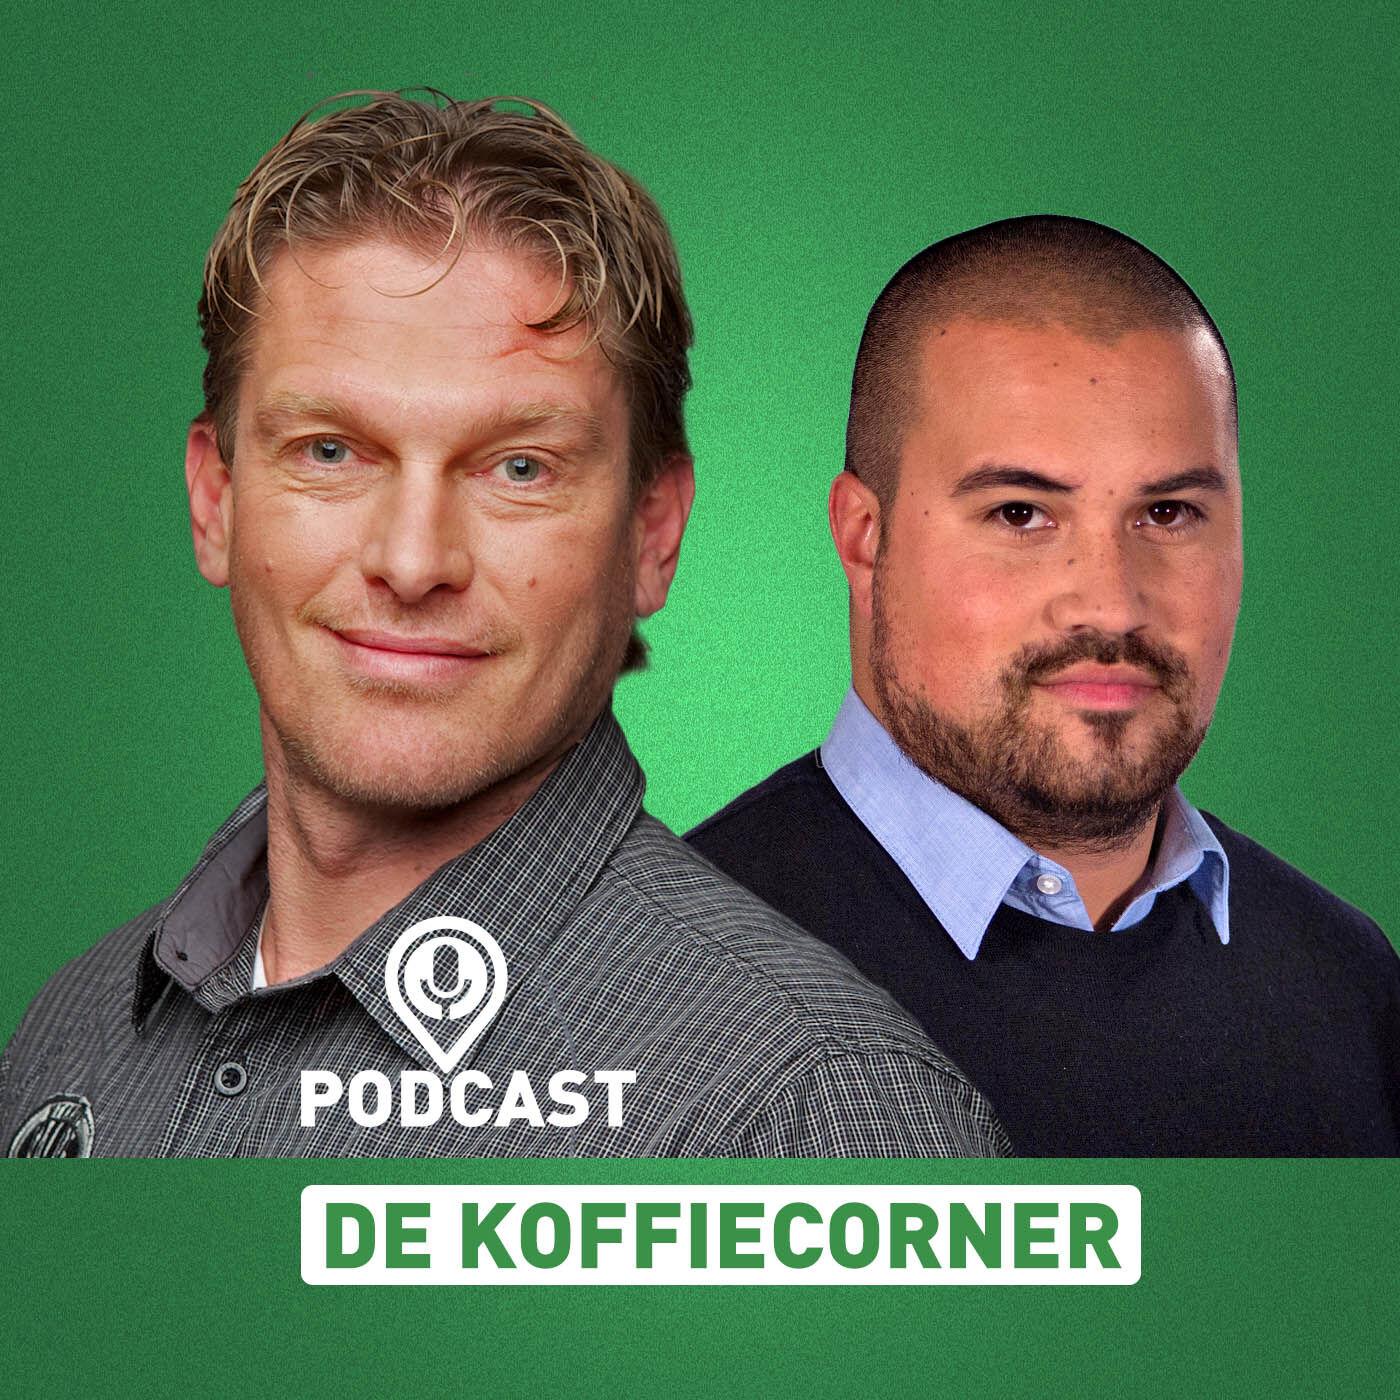 """De Koffiecorner #34: Hans Nijland: """"Irritatie? Ik ga mij toch niet meer druk maken om Martin Drent?!"""""""